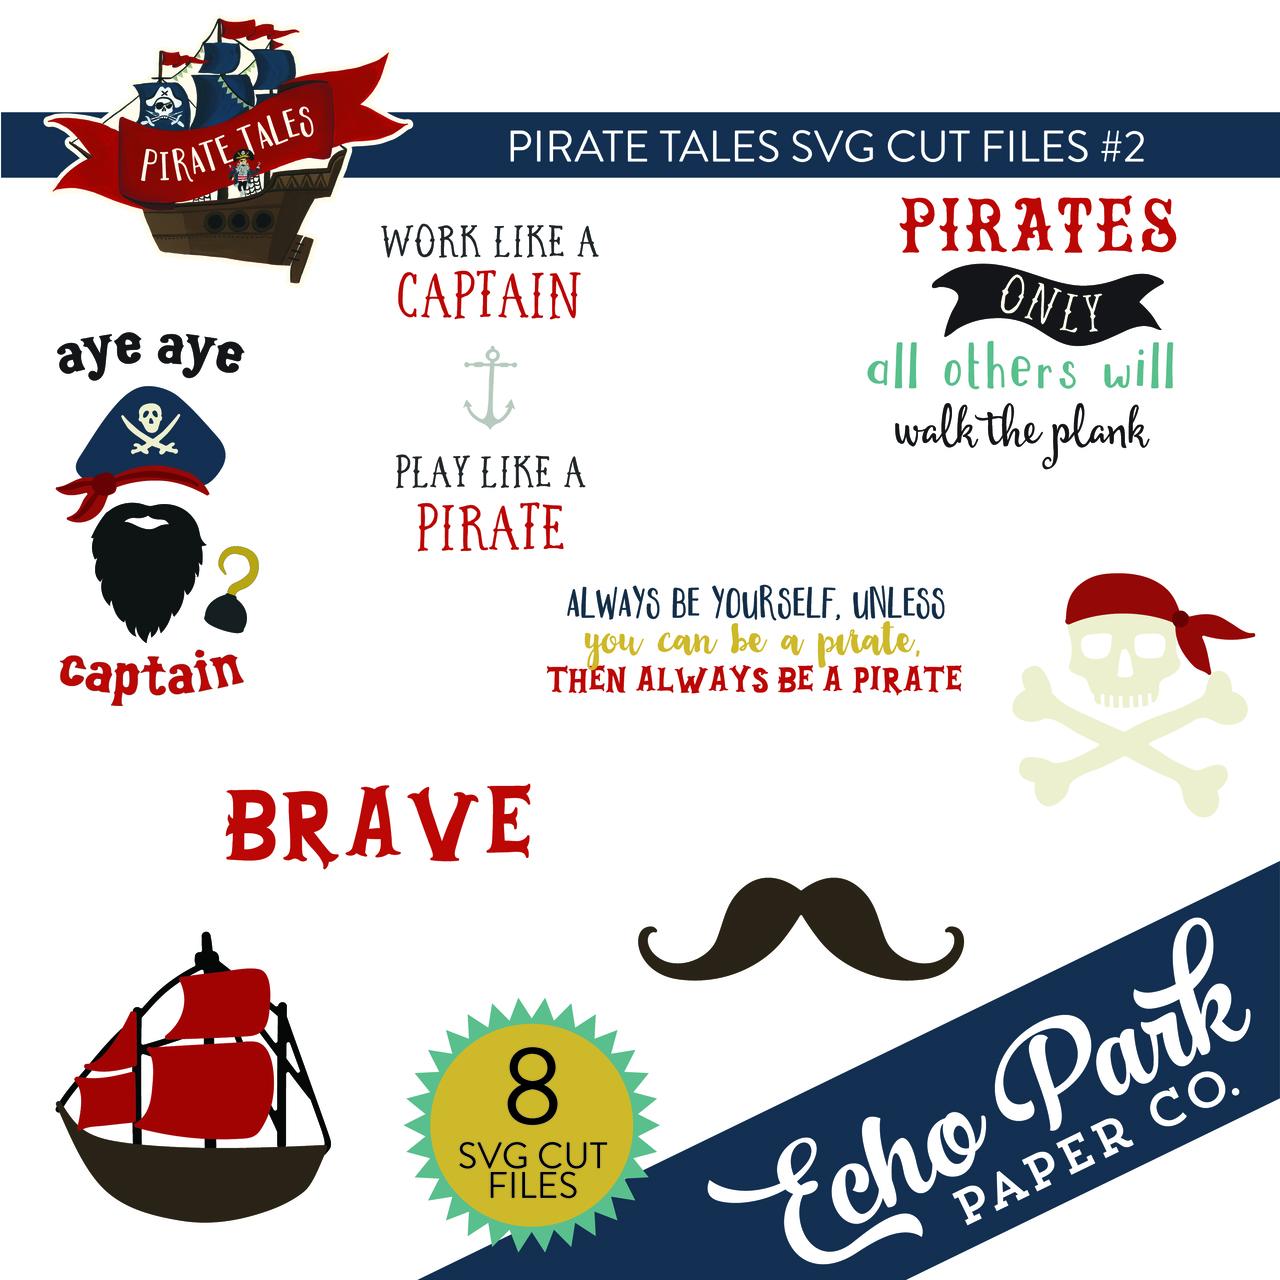 Pirate Tales SVG Cut Files #2